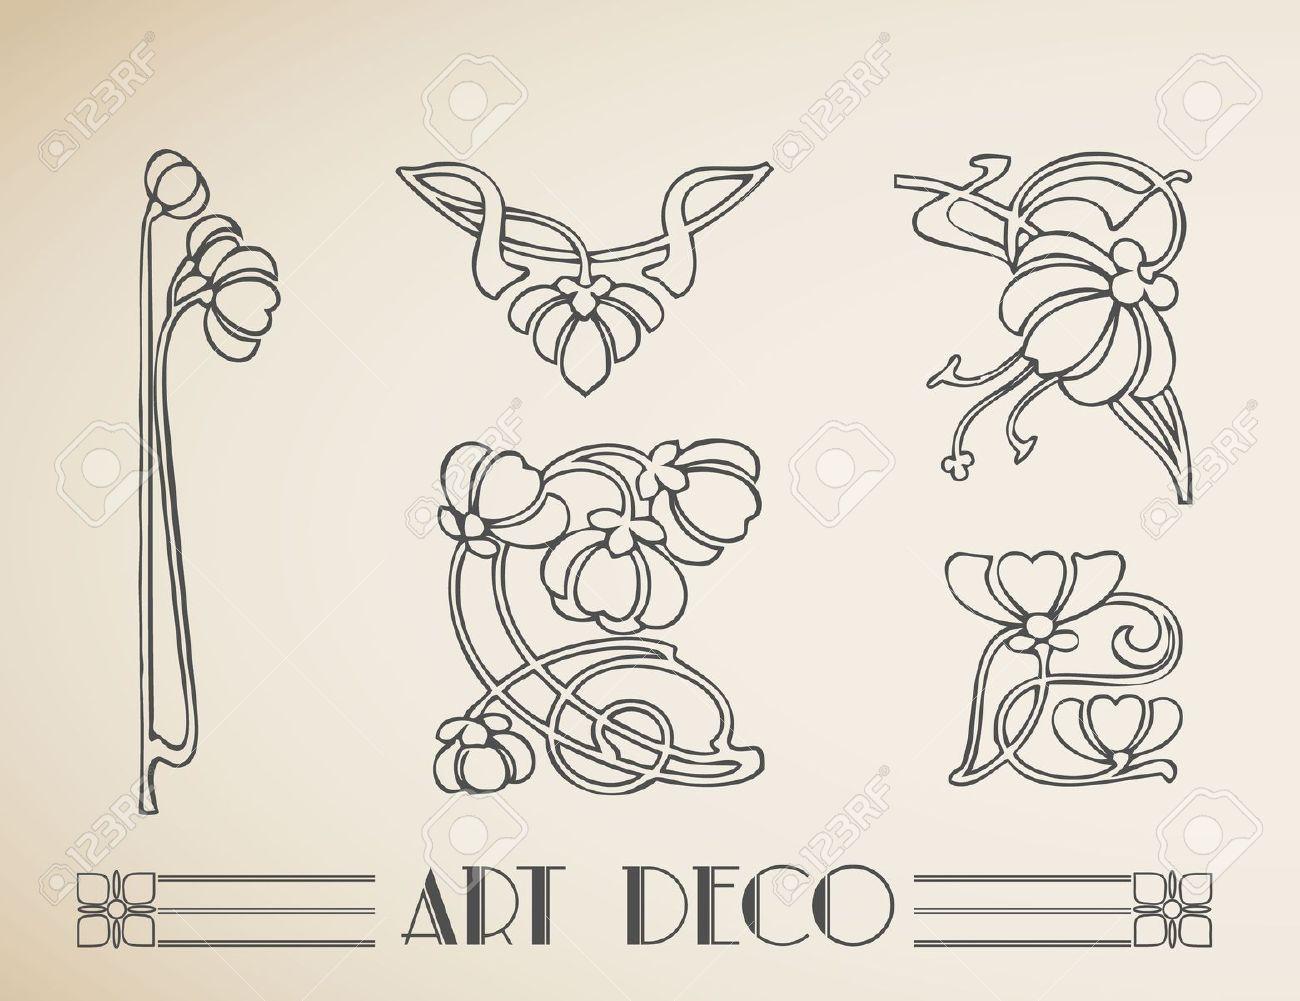 Art nouveau floral border google search art - Art deco and art nouveau ...